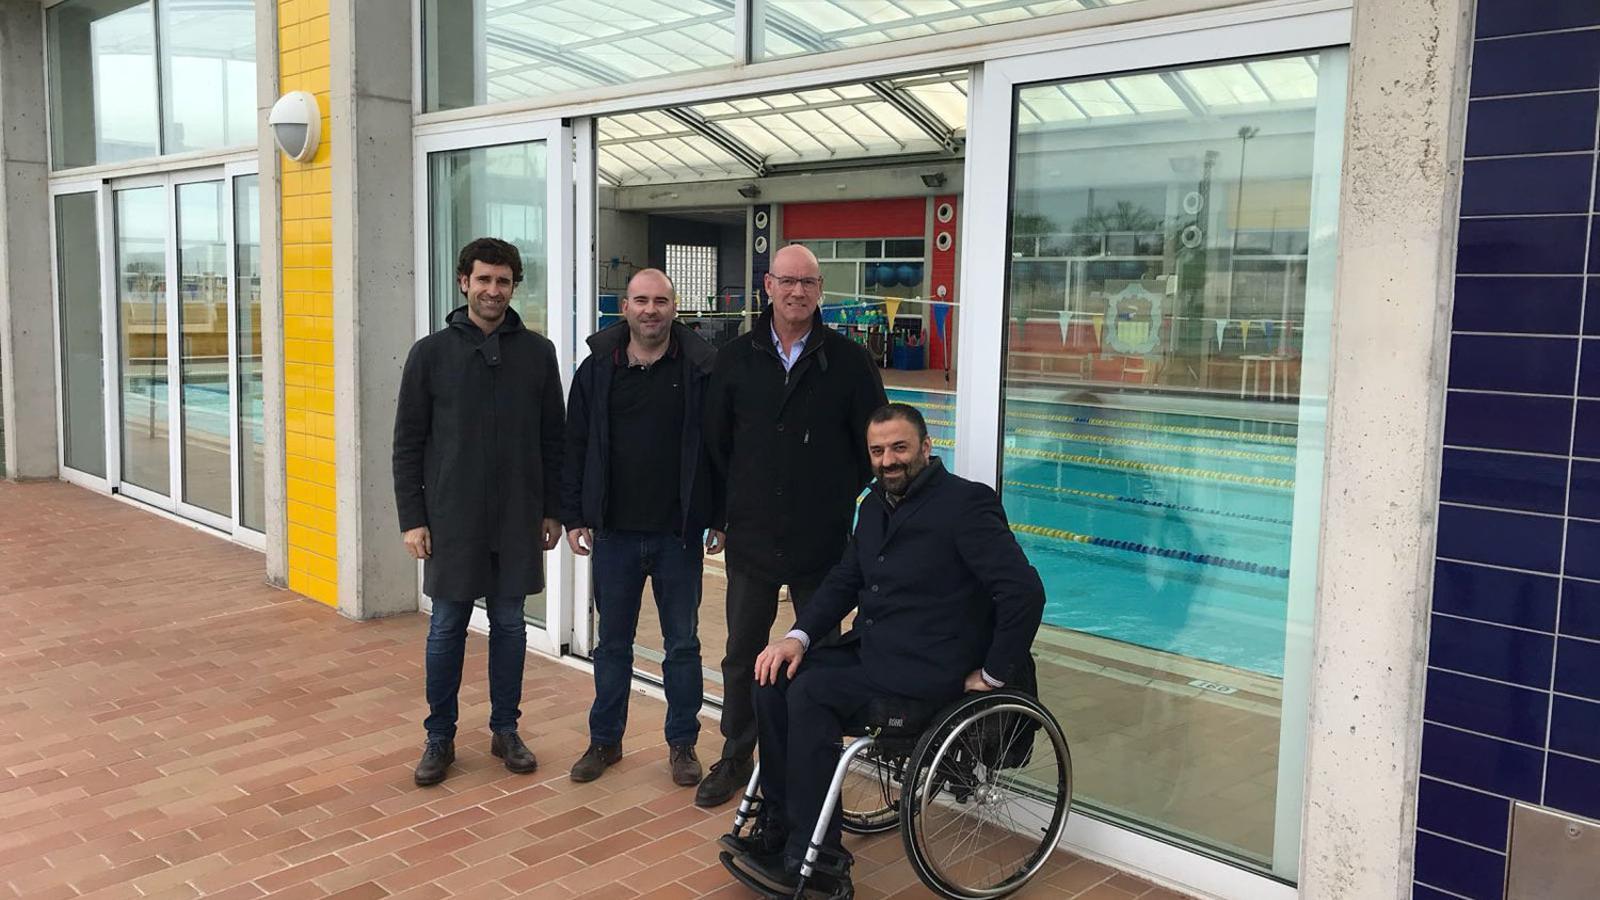 Jordi J. de Llop; Tugores, regidor d'Esports; el batle Vives i August Tarragó, de l'empresa de serveis.